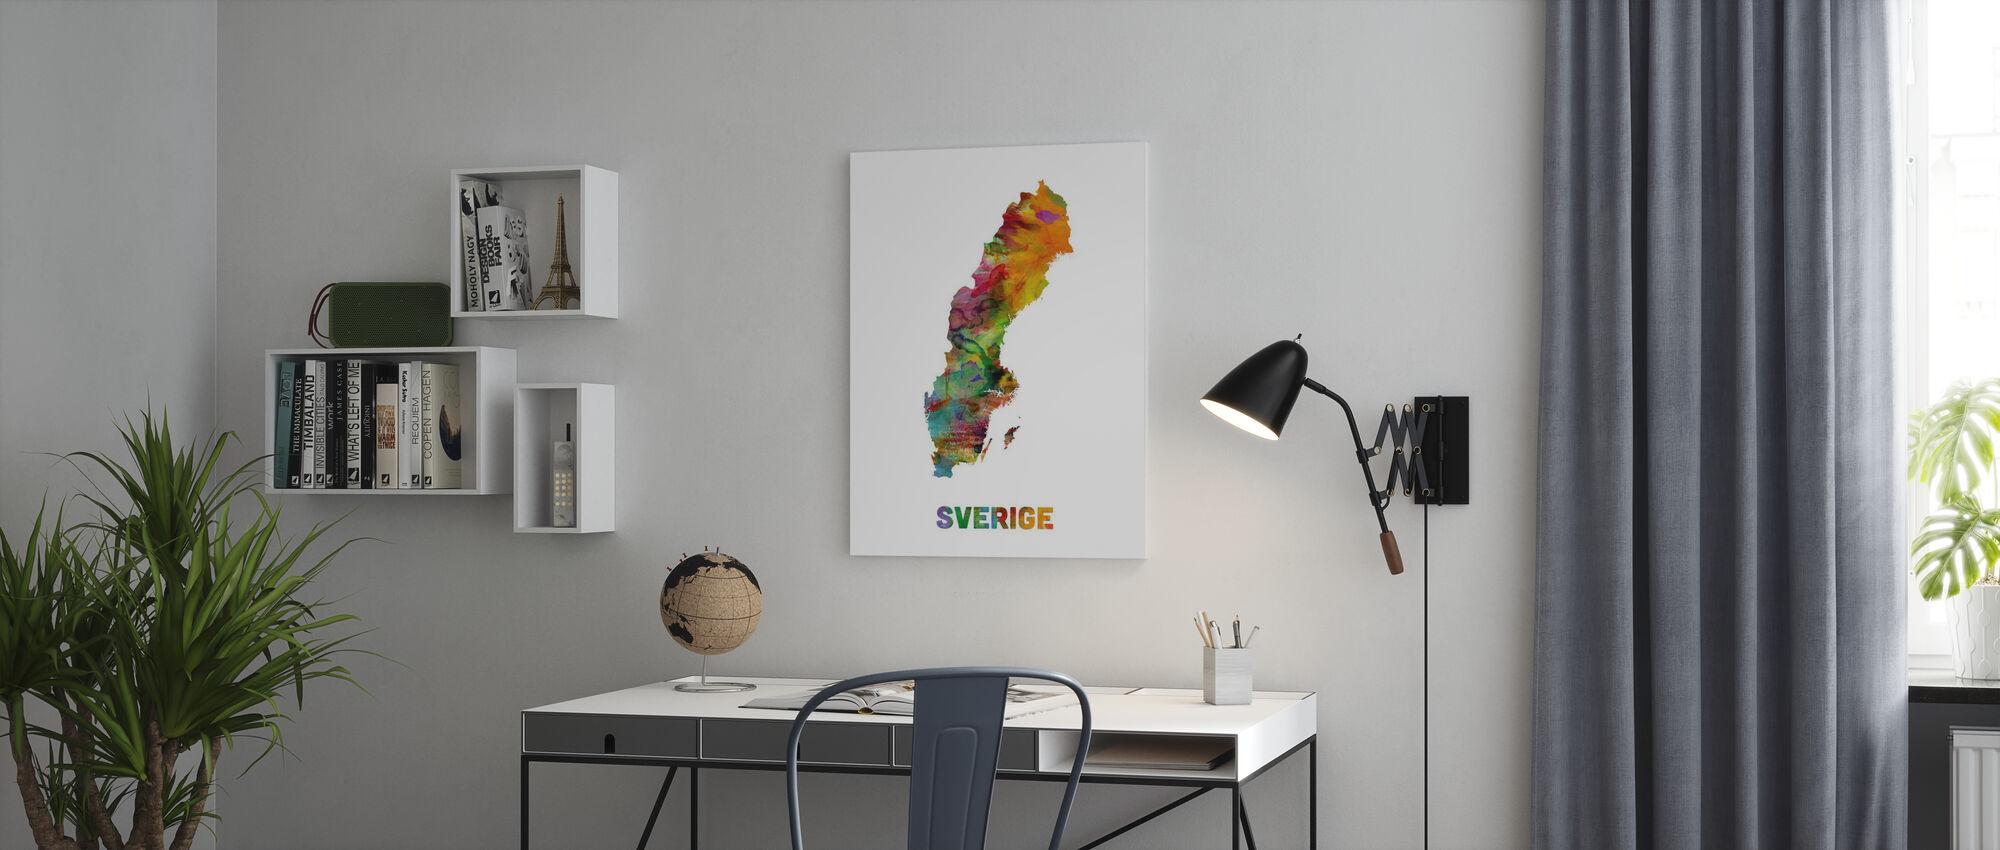 Sverige Akvarell Karta - Canvastavla - Kontor